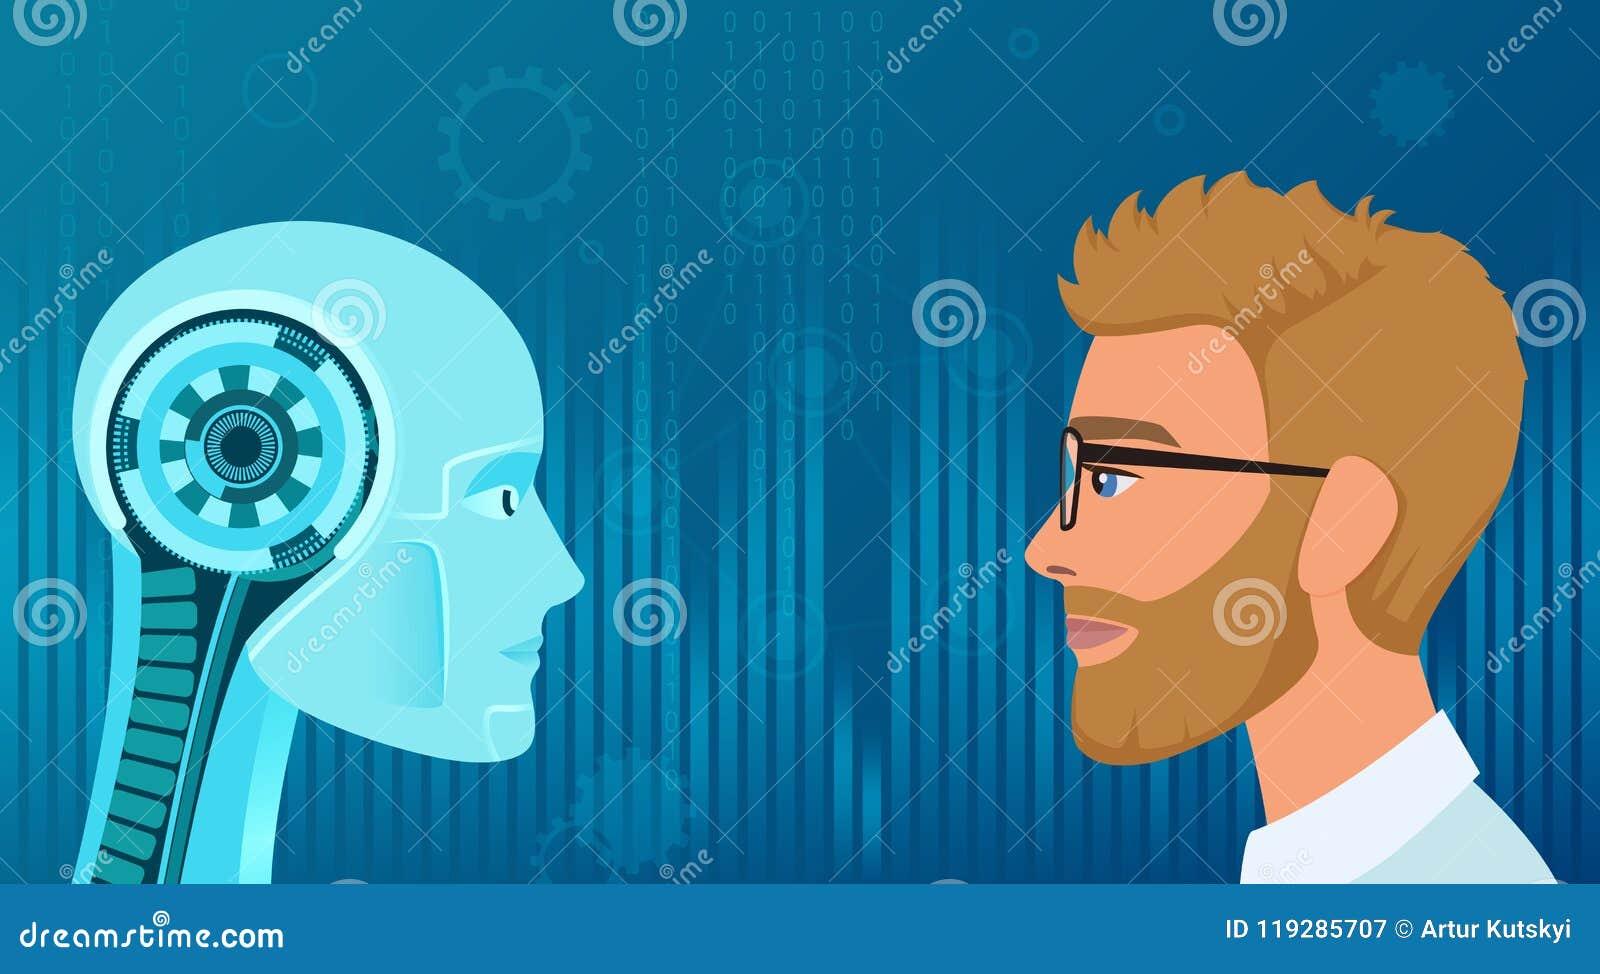 Люди вектора против оппозиции роботов Дело концепции и иллюстрация работы будущего